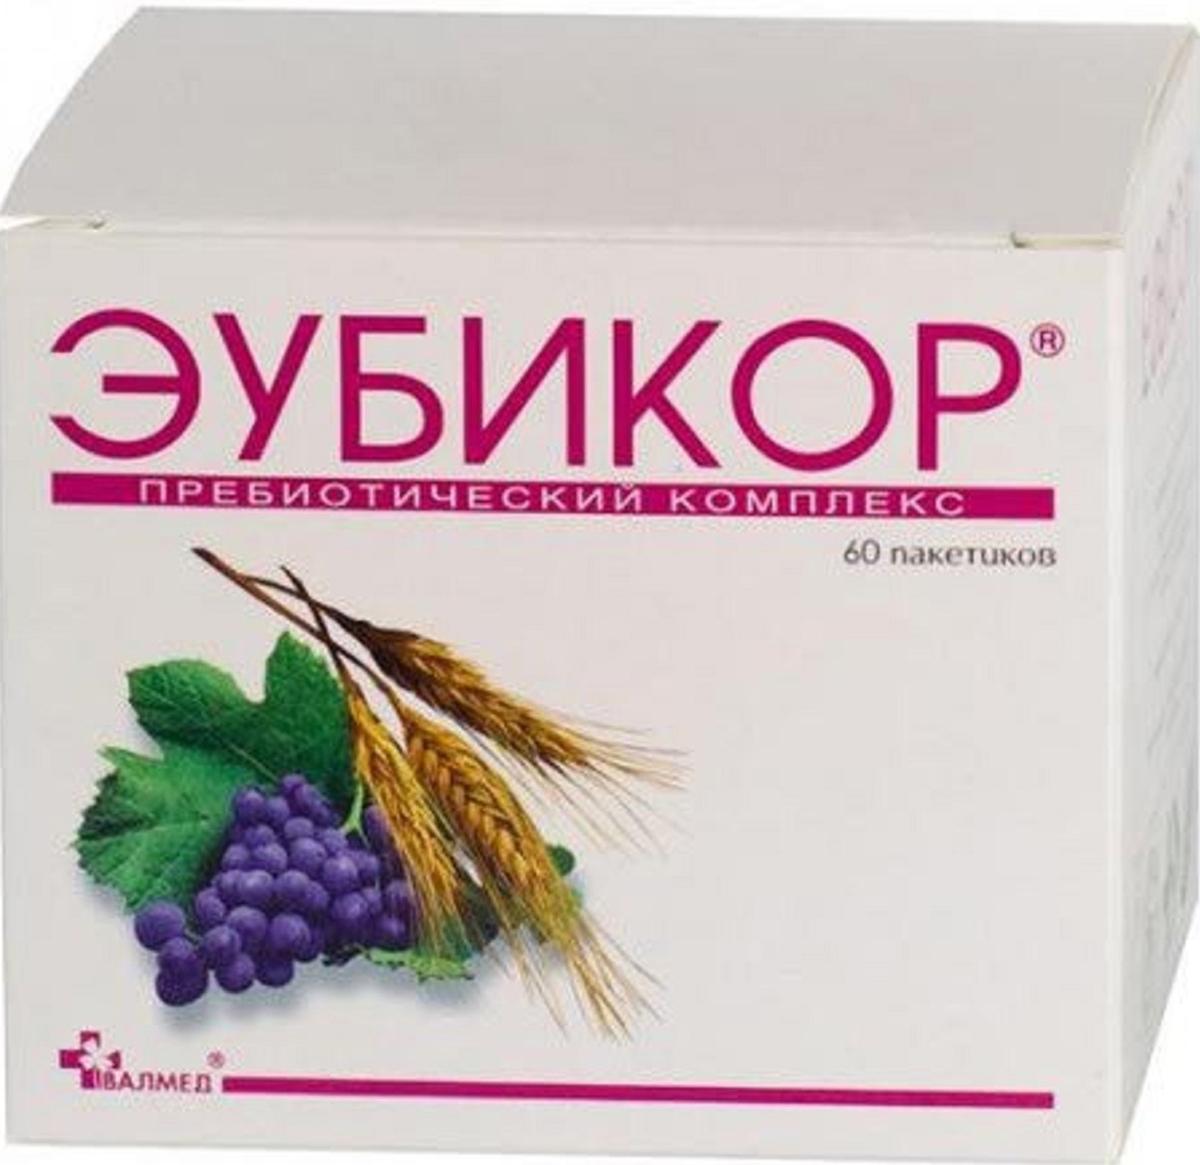 Эубикор порошок пакетики 3г №6028552Сфера применения: ГастроэнтерологияПрепараты для желудочно-кишечного тракта